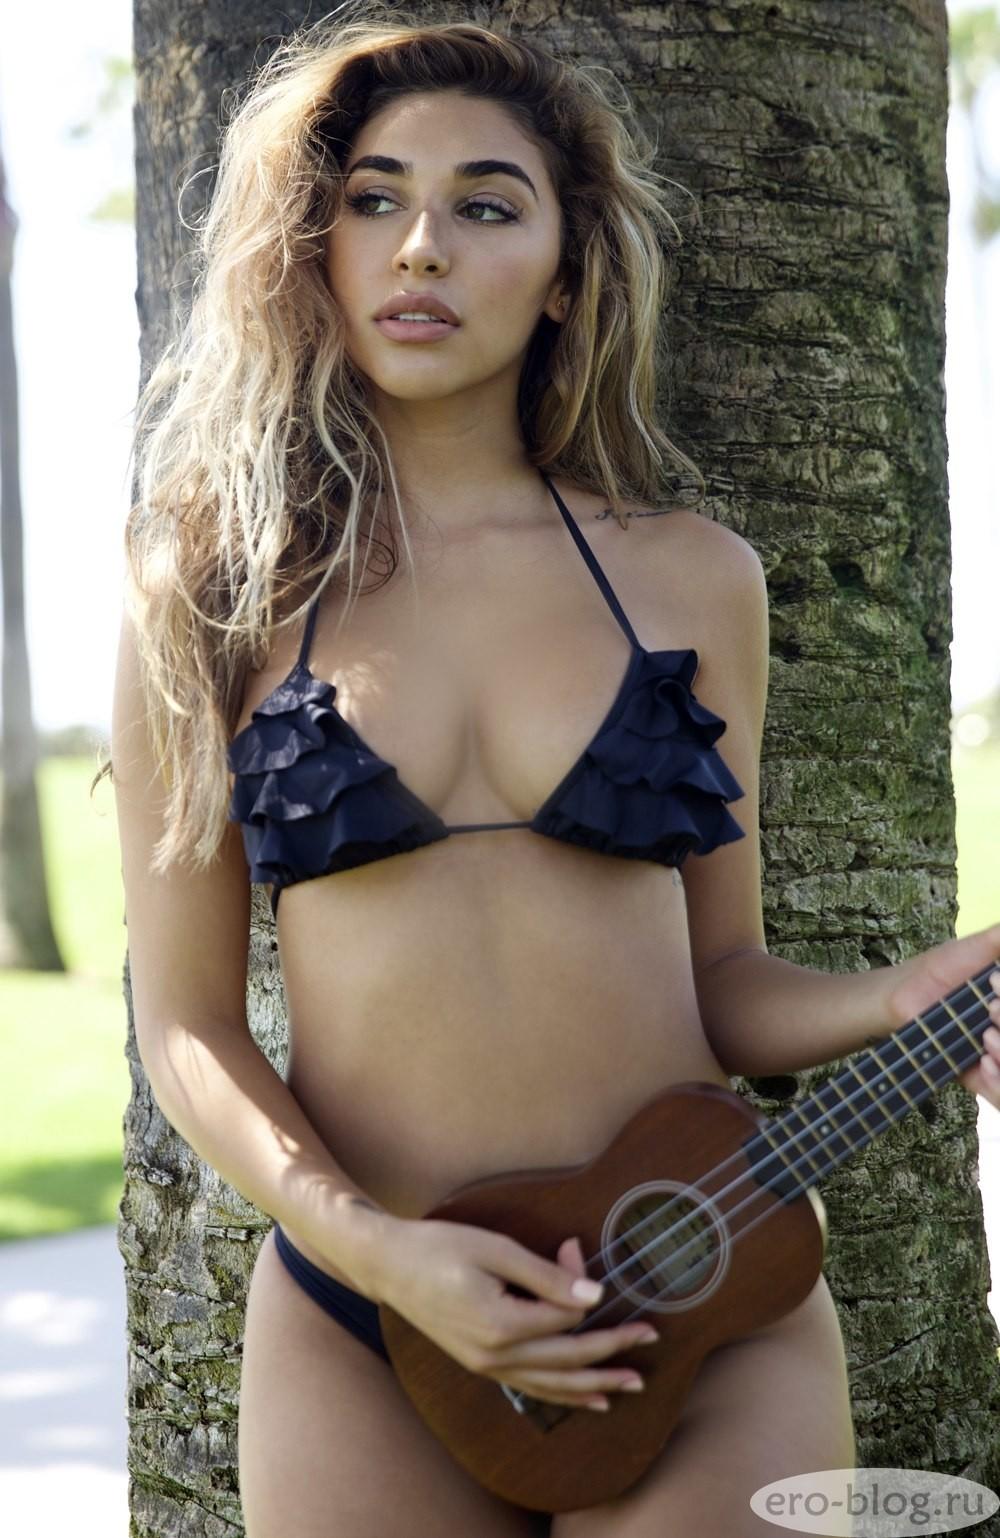 Голая обнаженная Chantel Jeffries | Шантель Джеффрис интимные фото звезды